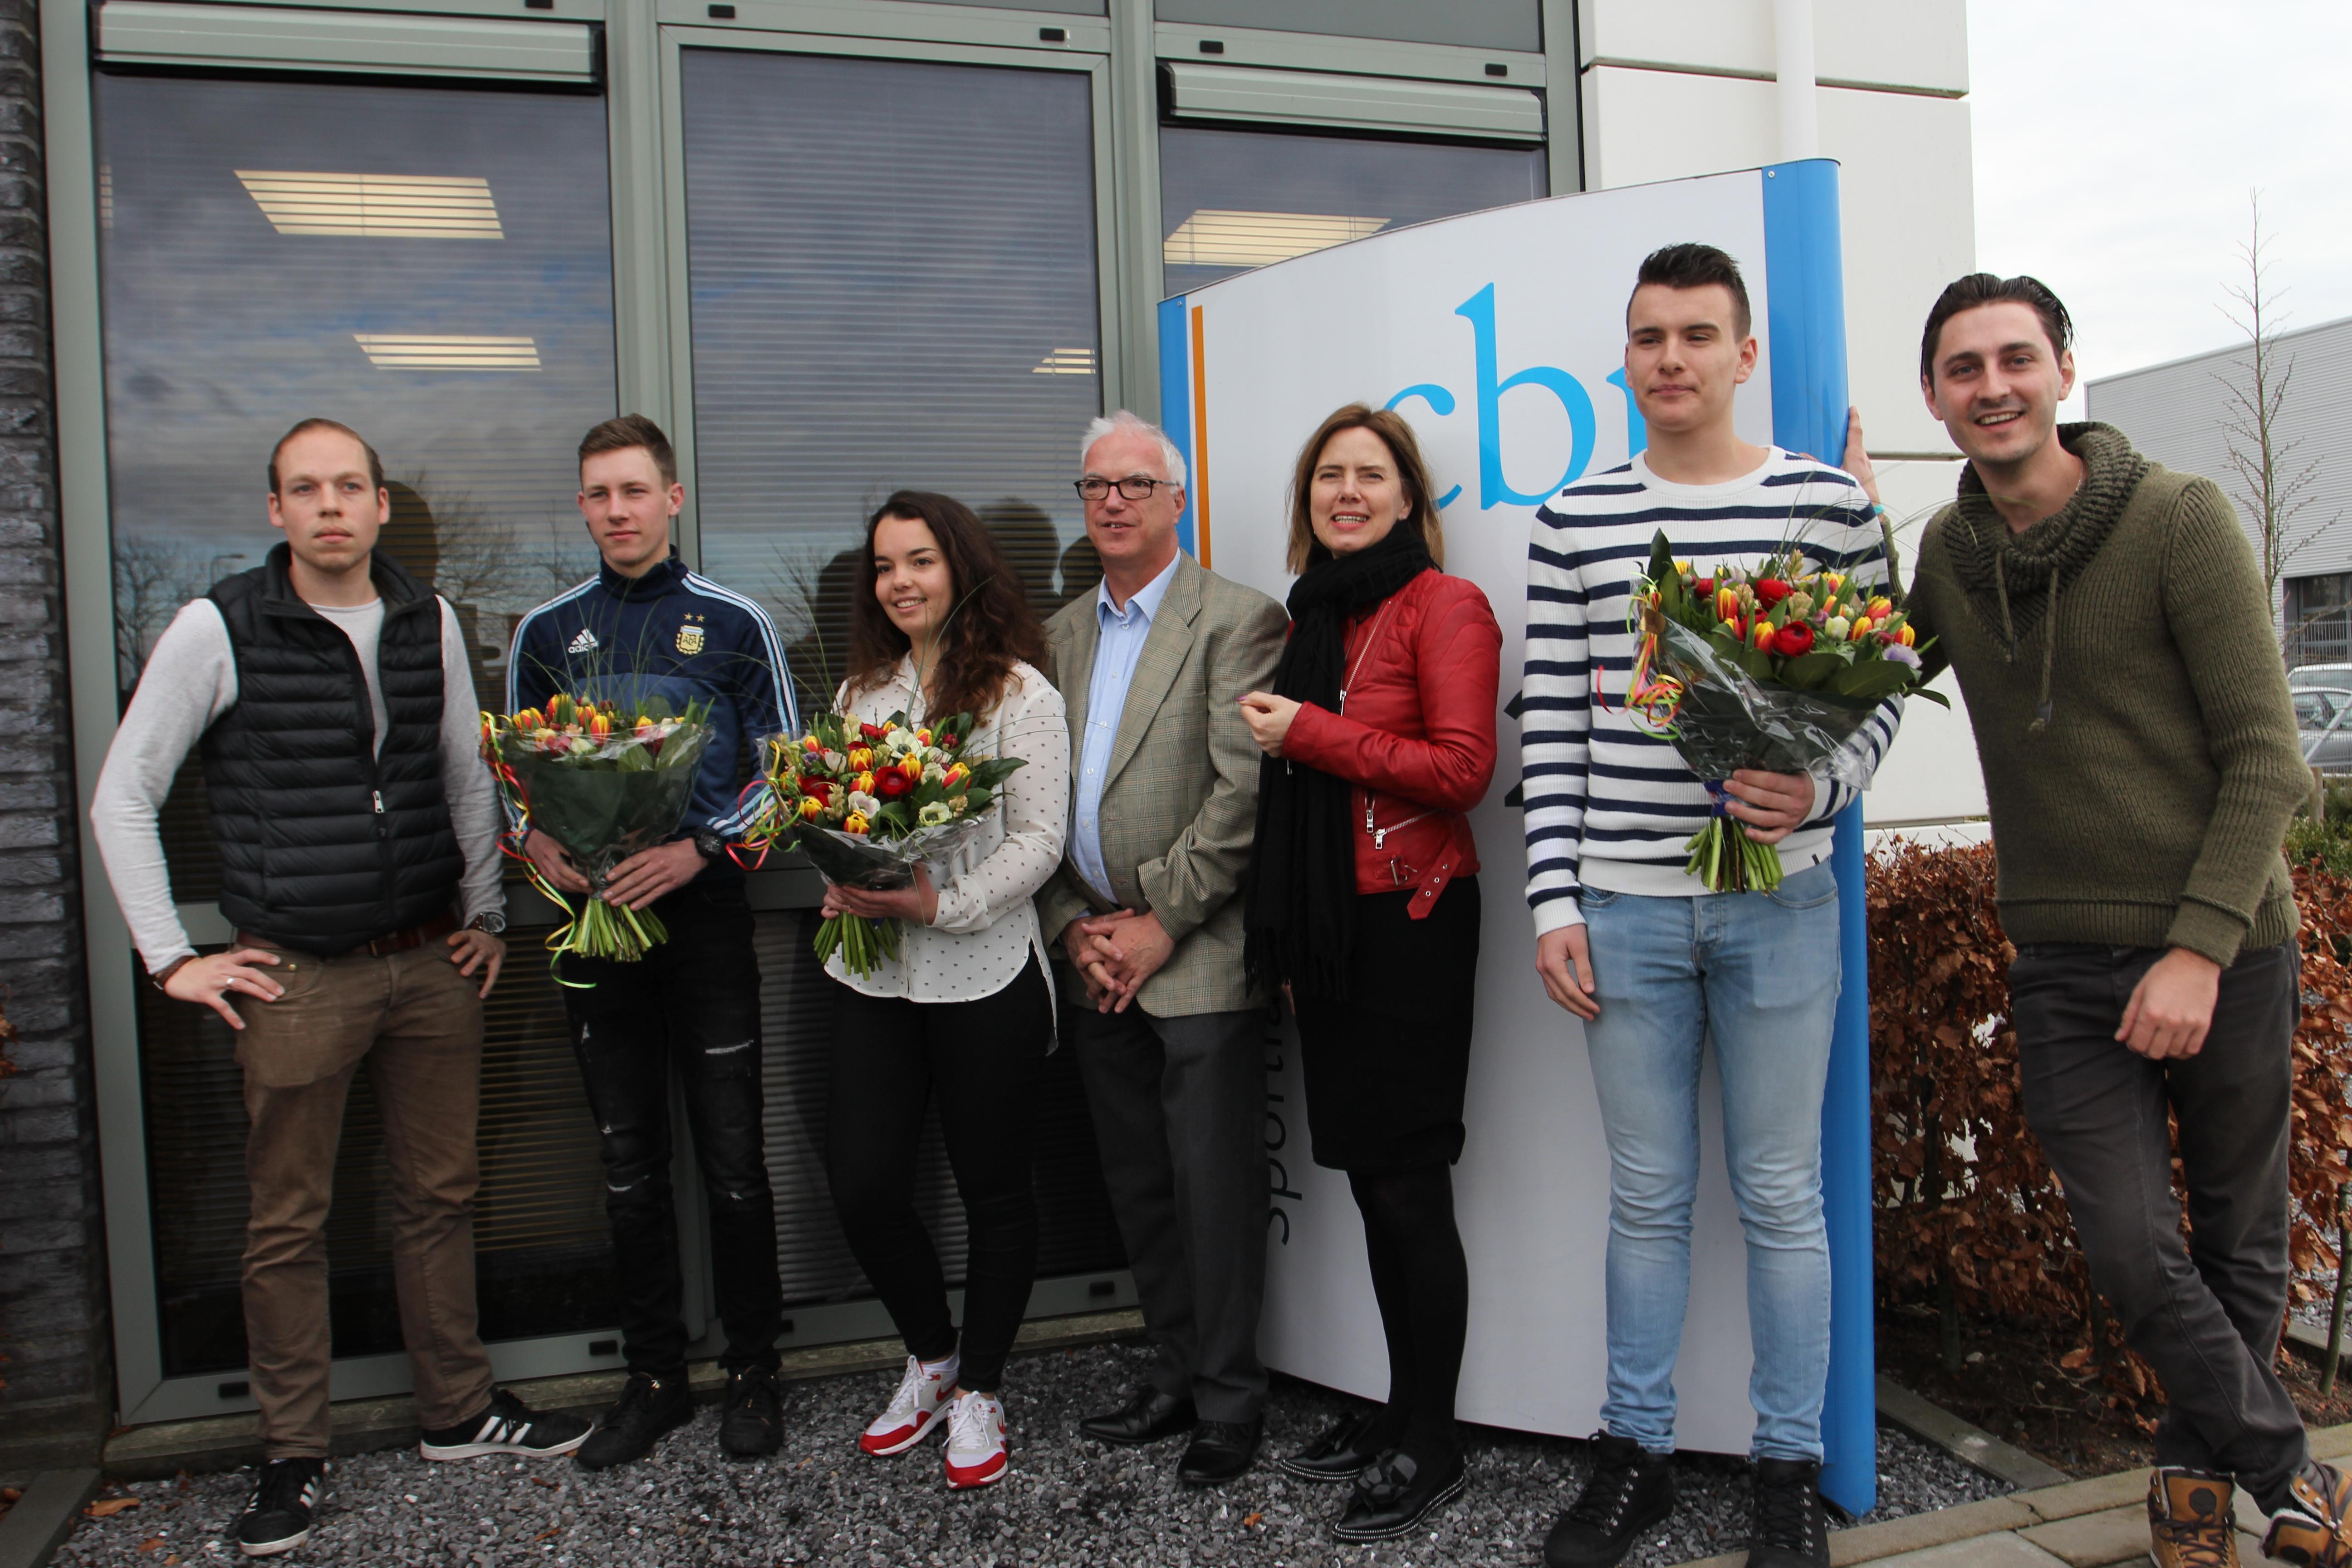 Minister Cora van Nieuwenhuizen (derde van rechts) met de geslaagde kandidaten en hun rijinstructeurs